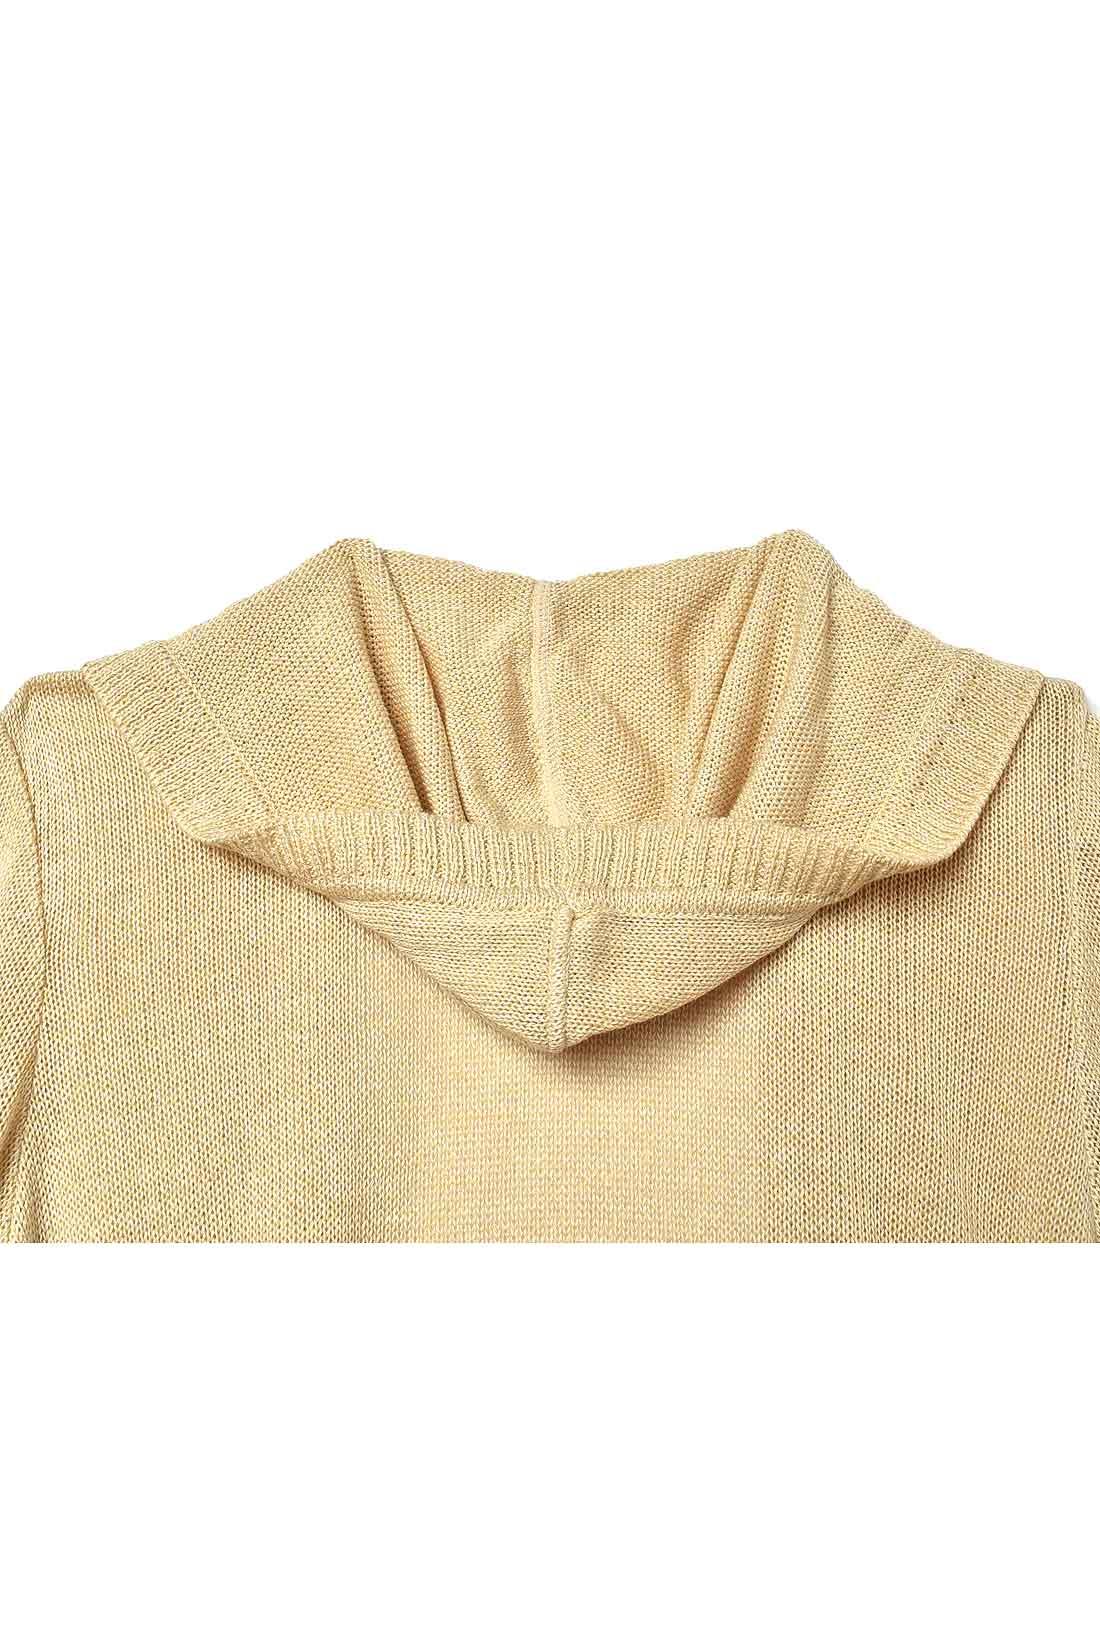 back あえて小さめにしたパーカー衿でバランスのよい後ろ姿に。